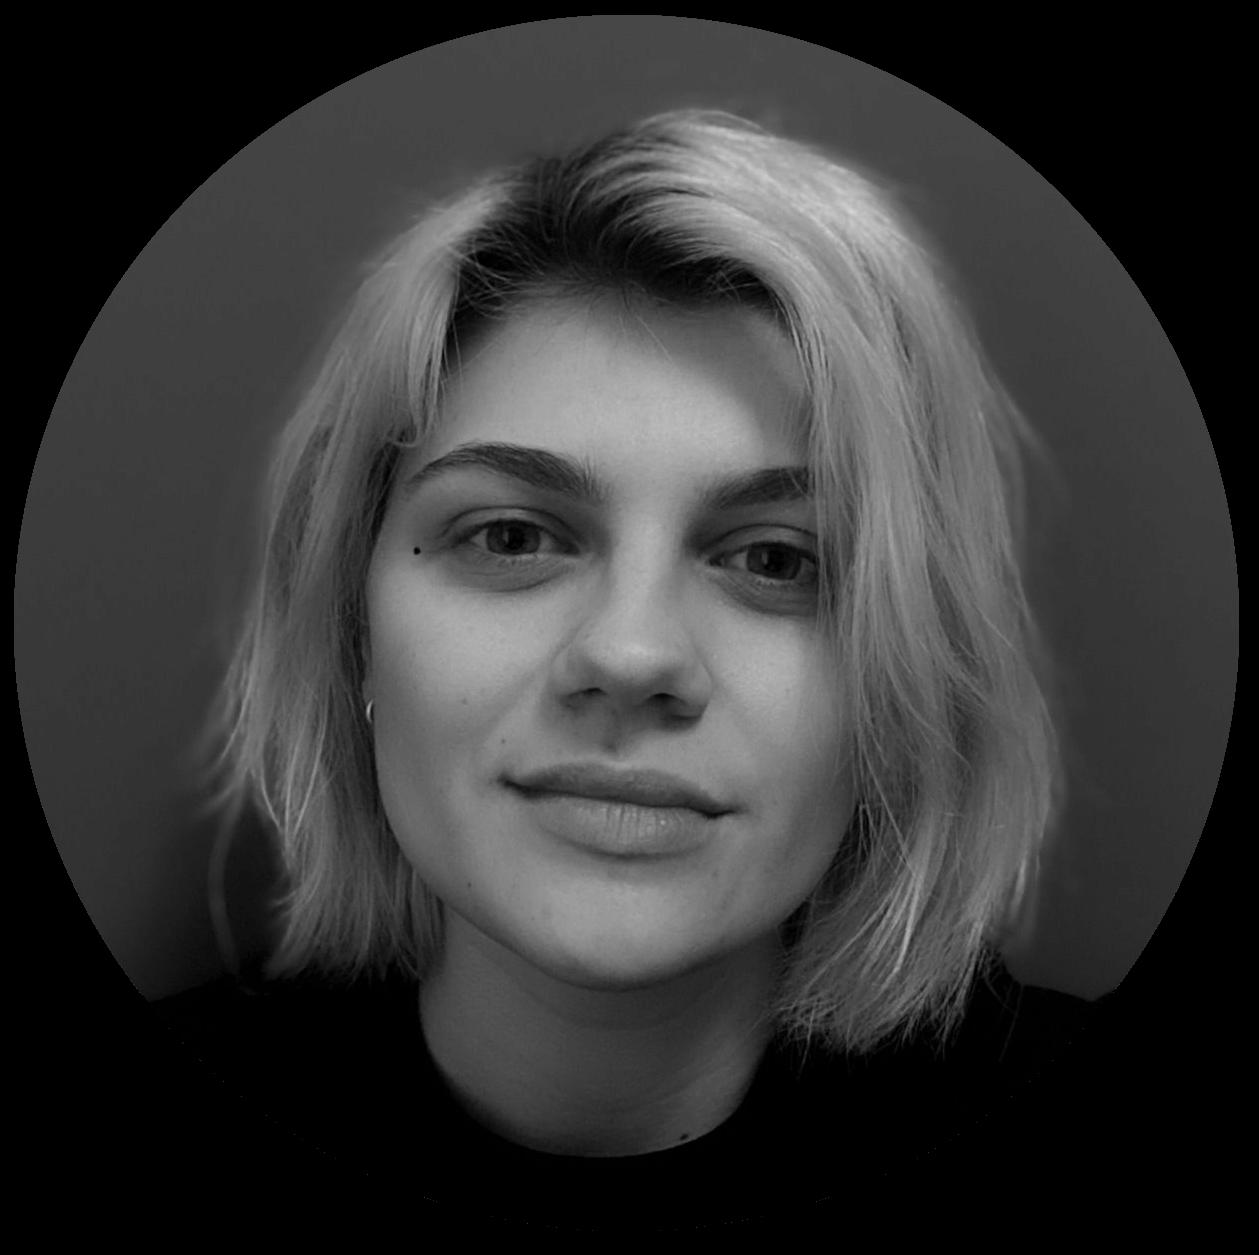 Анна Кошелева